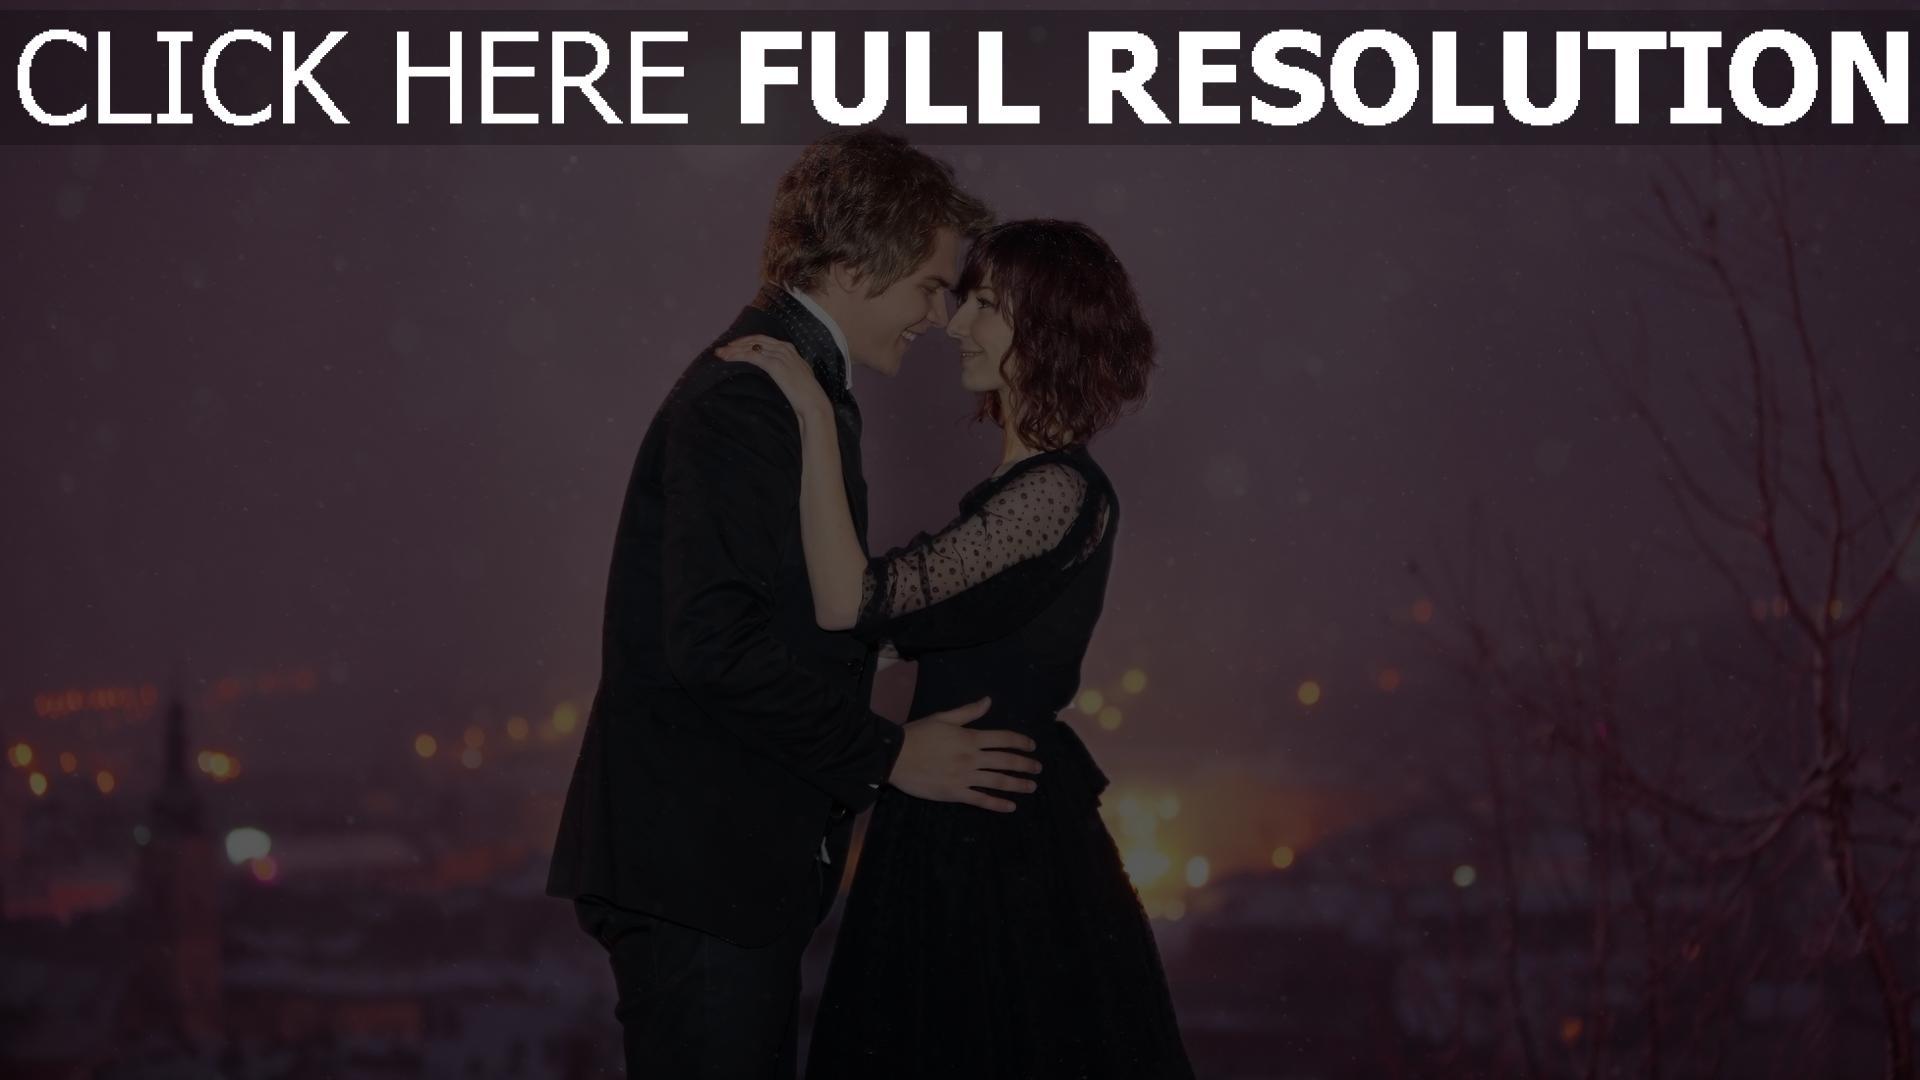 Beautiful Romantic Love Hd Wallpapers For Couples: HD Hintergrundbilder Paar Romantik Umarmungen Liebe Tanz